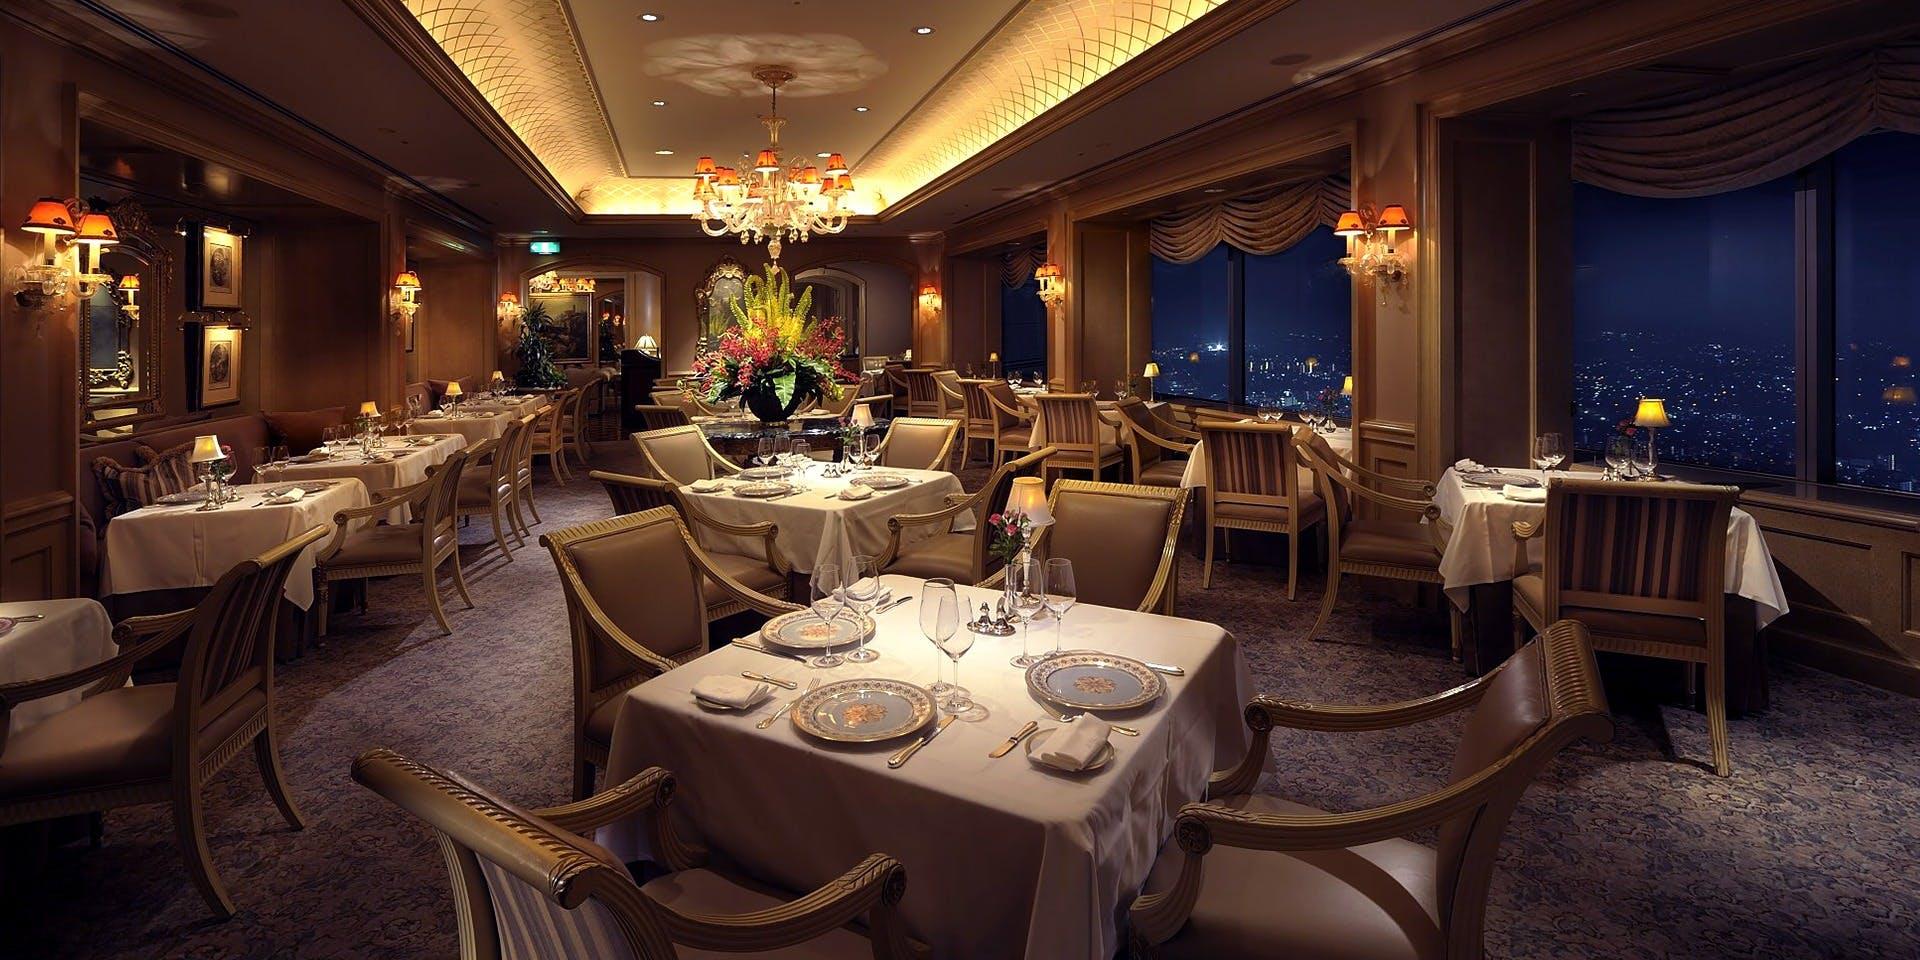 記念日におすすめのレストラン・ル シエール/横浜ロイヤルパークホテル 68階の写真1